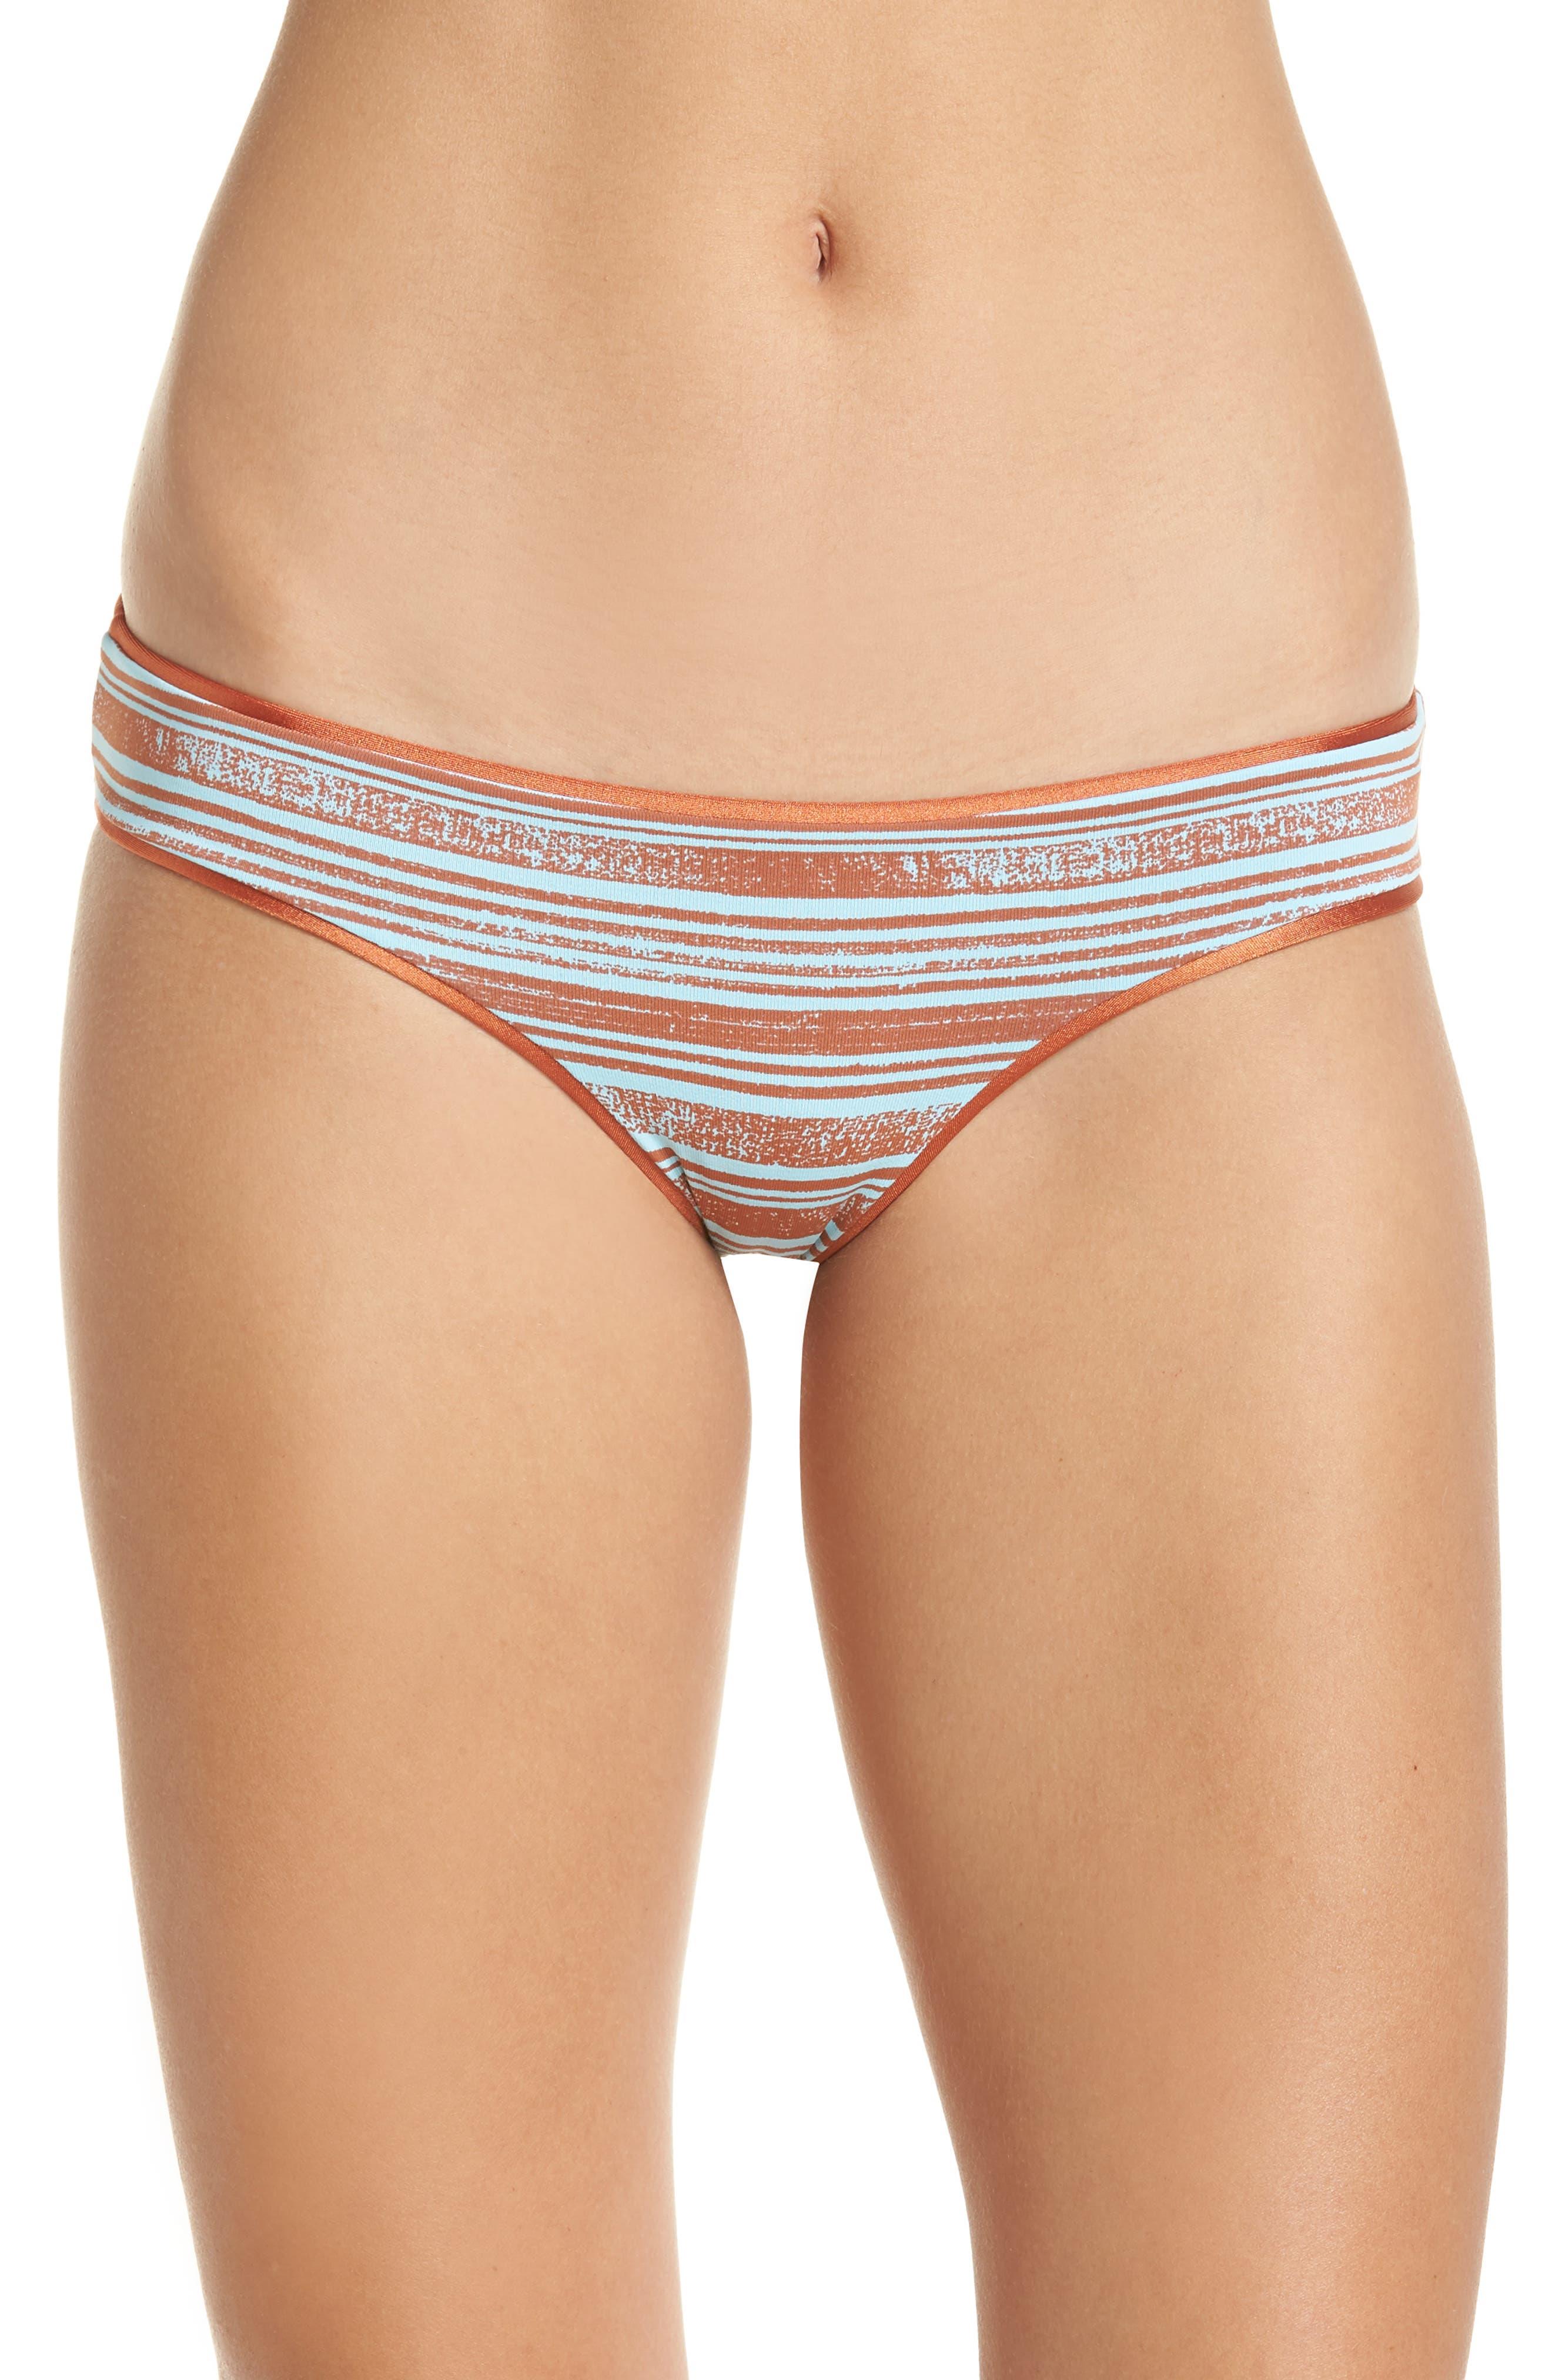 Shimmering Sublime Signature Reversible Bikini Bottoms,                             Alternate thumbnail 2, color,                             221